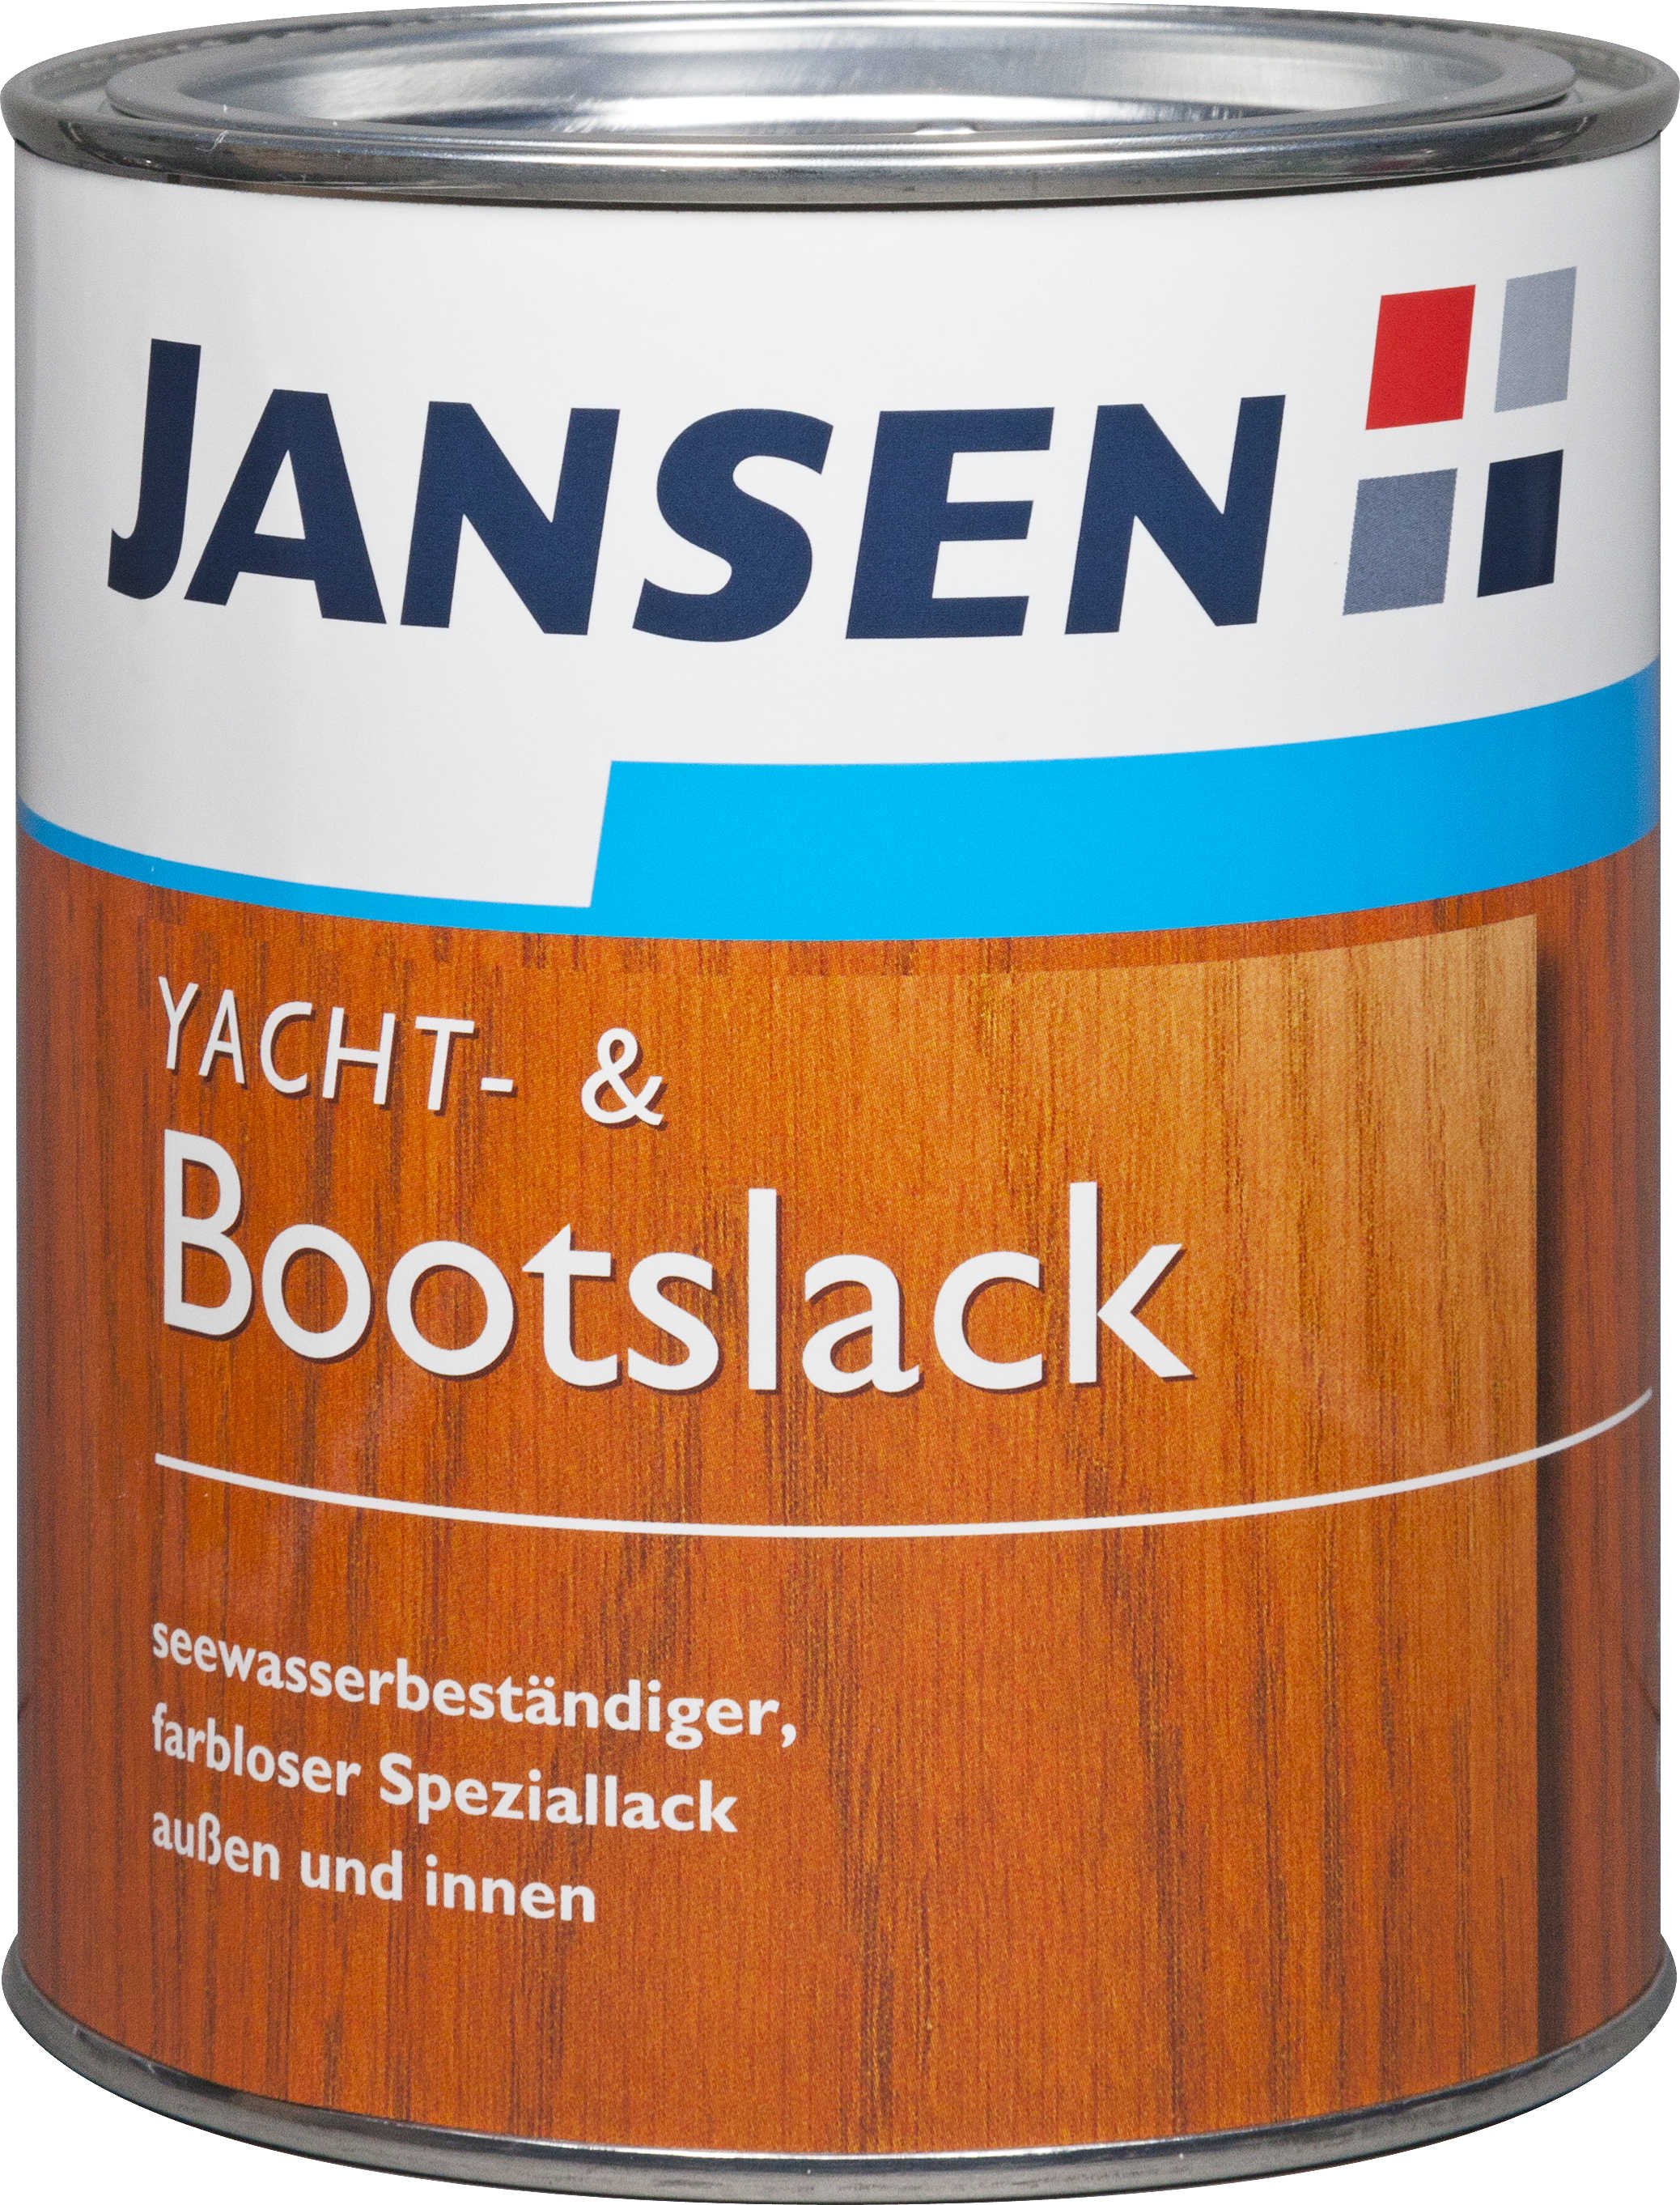 Wohnwerk Jansen Yacht Bootslack Online Kaufen